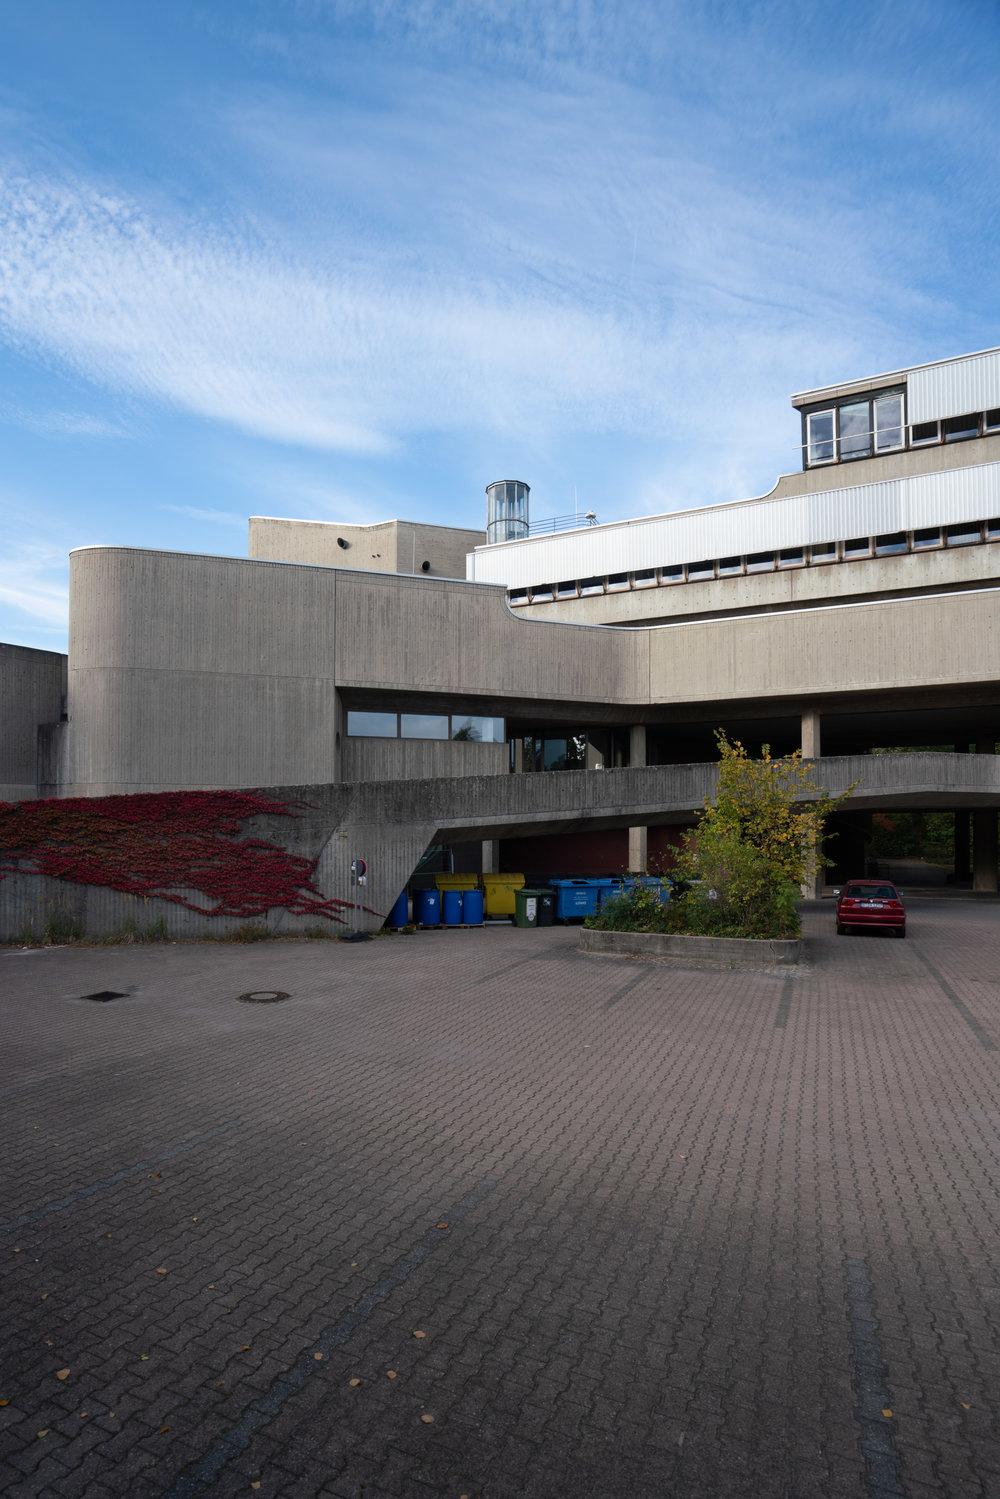 181006_Fehling+Gogel, Institut für Hygiene und Umweltmedizin_02.jpg